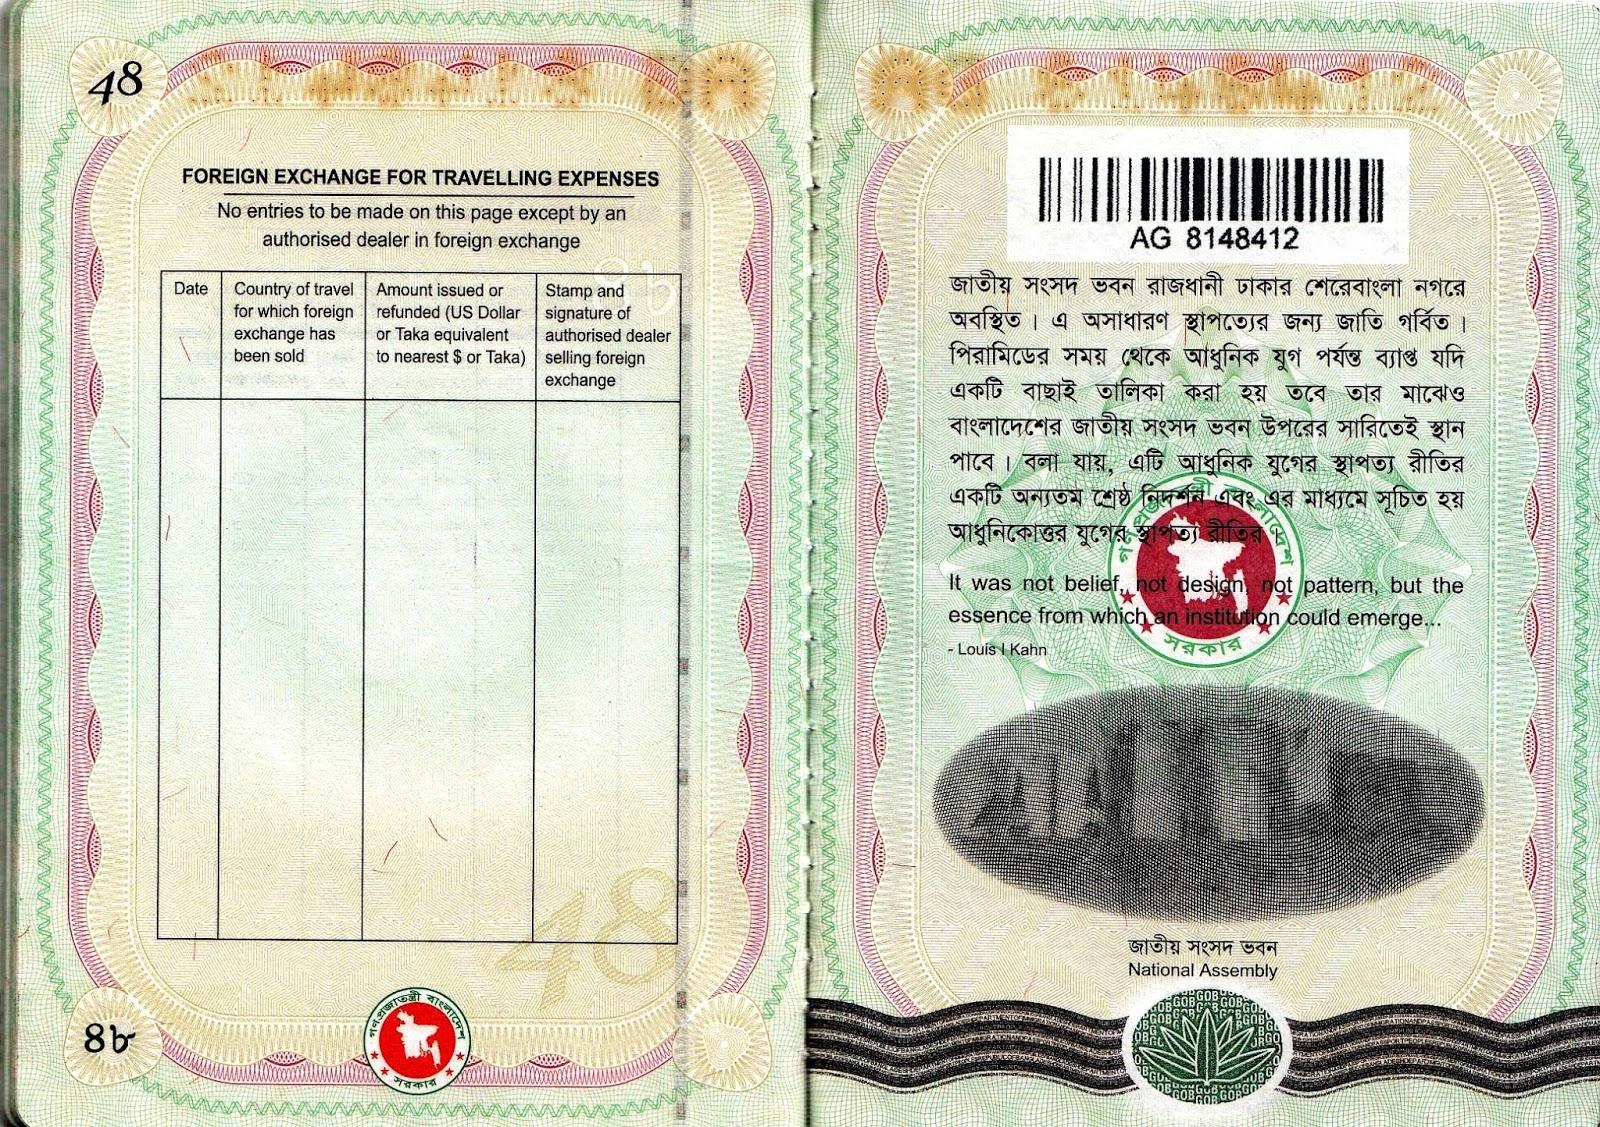 machine readable passport in bangladesh